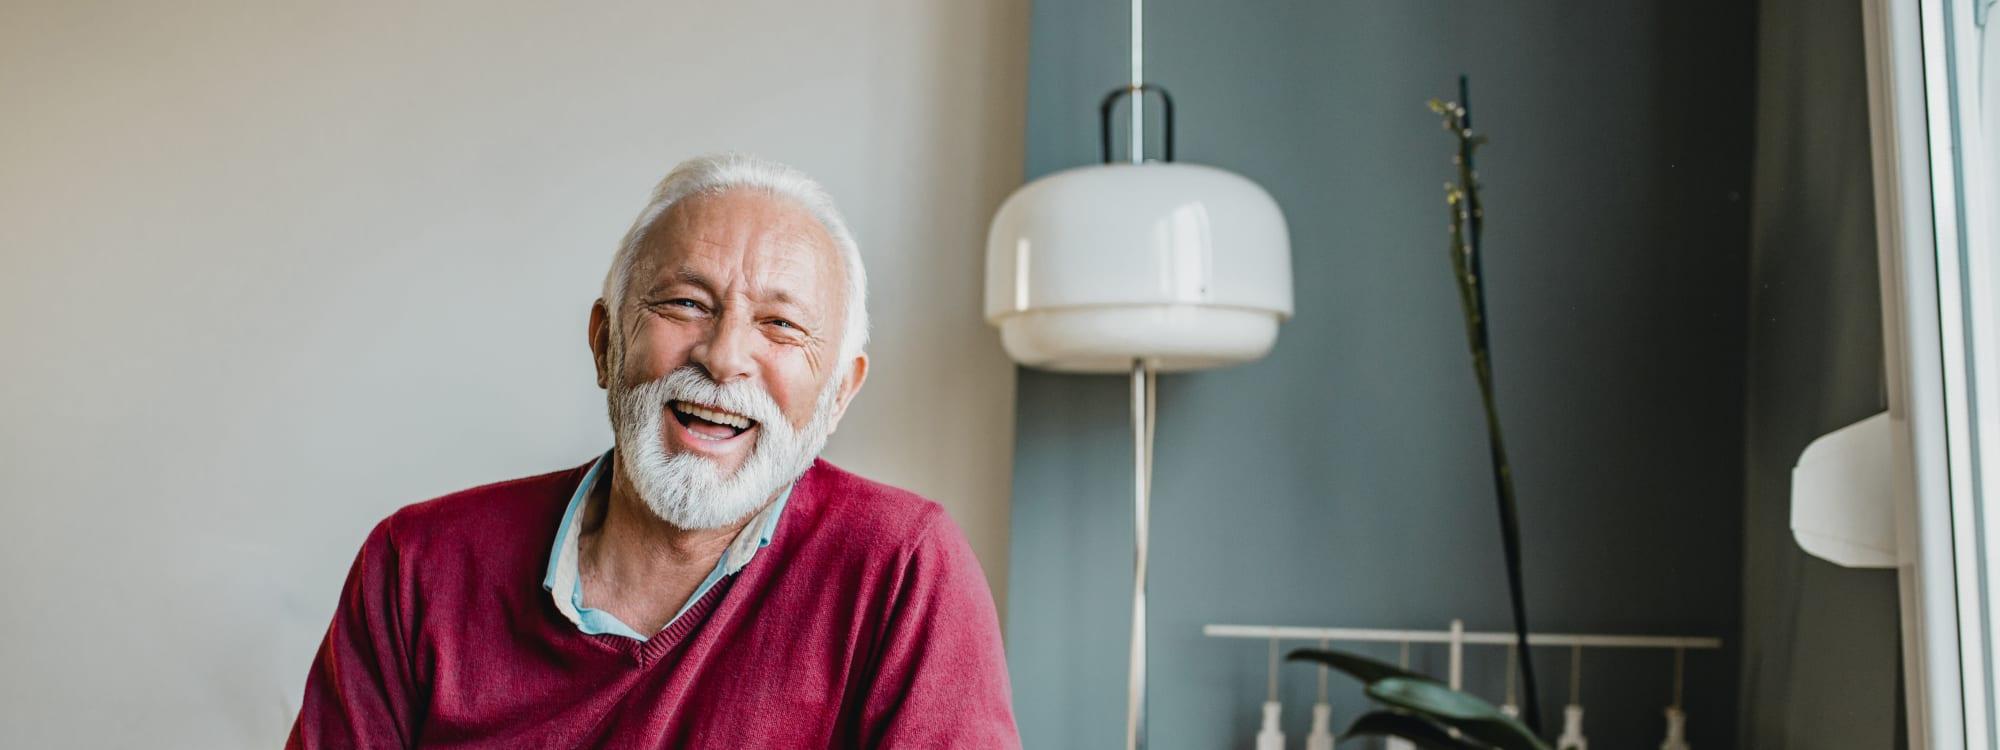 Living Options at Arbor Glen Senior Living in Lake Elmo, Minnesota